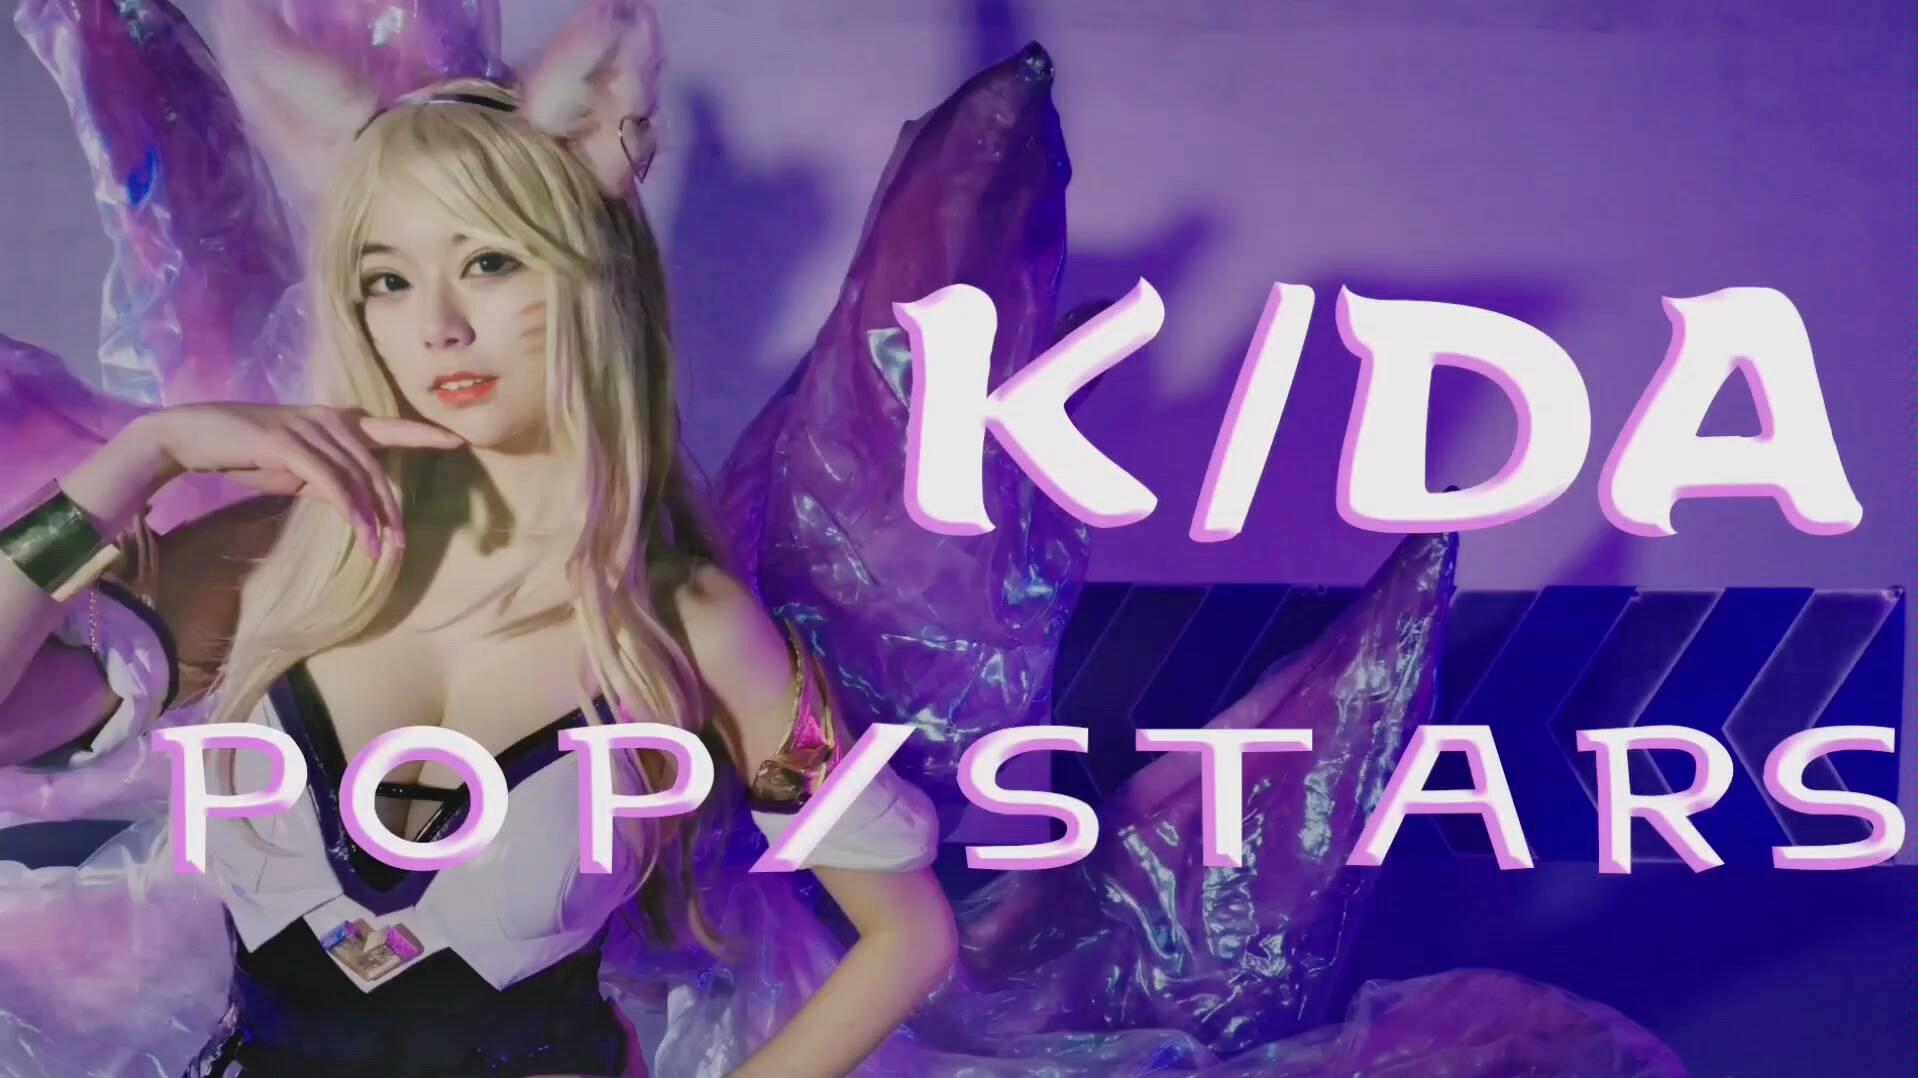 英雄联盟cosplay系列:丰满KDA阿狸热舞,身材一级棒